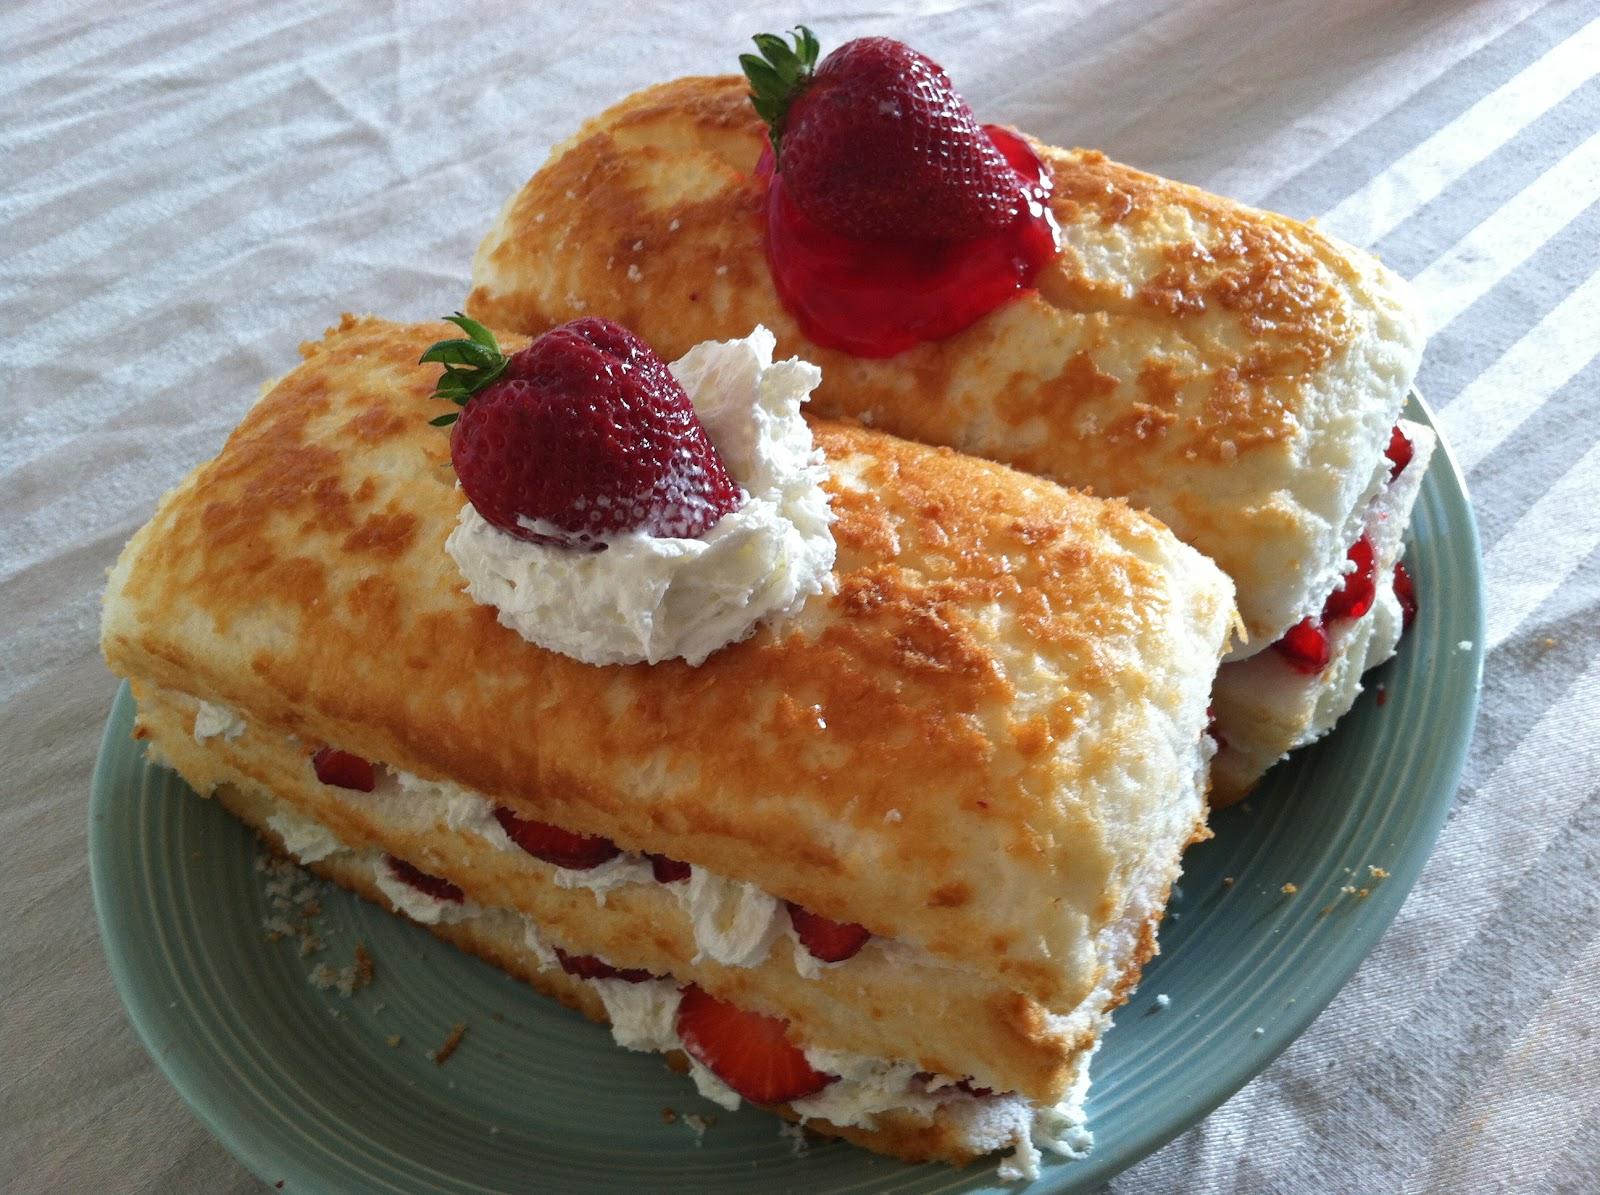 Produce Pantry: Strawberry Shortcake